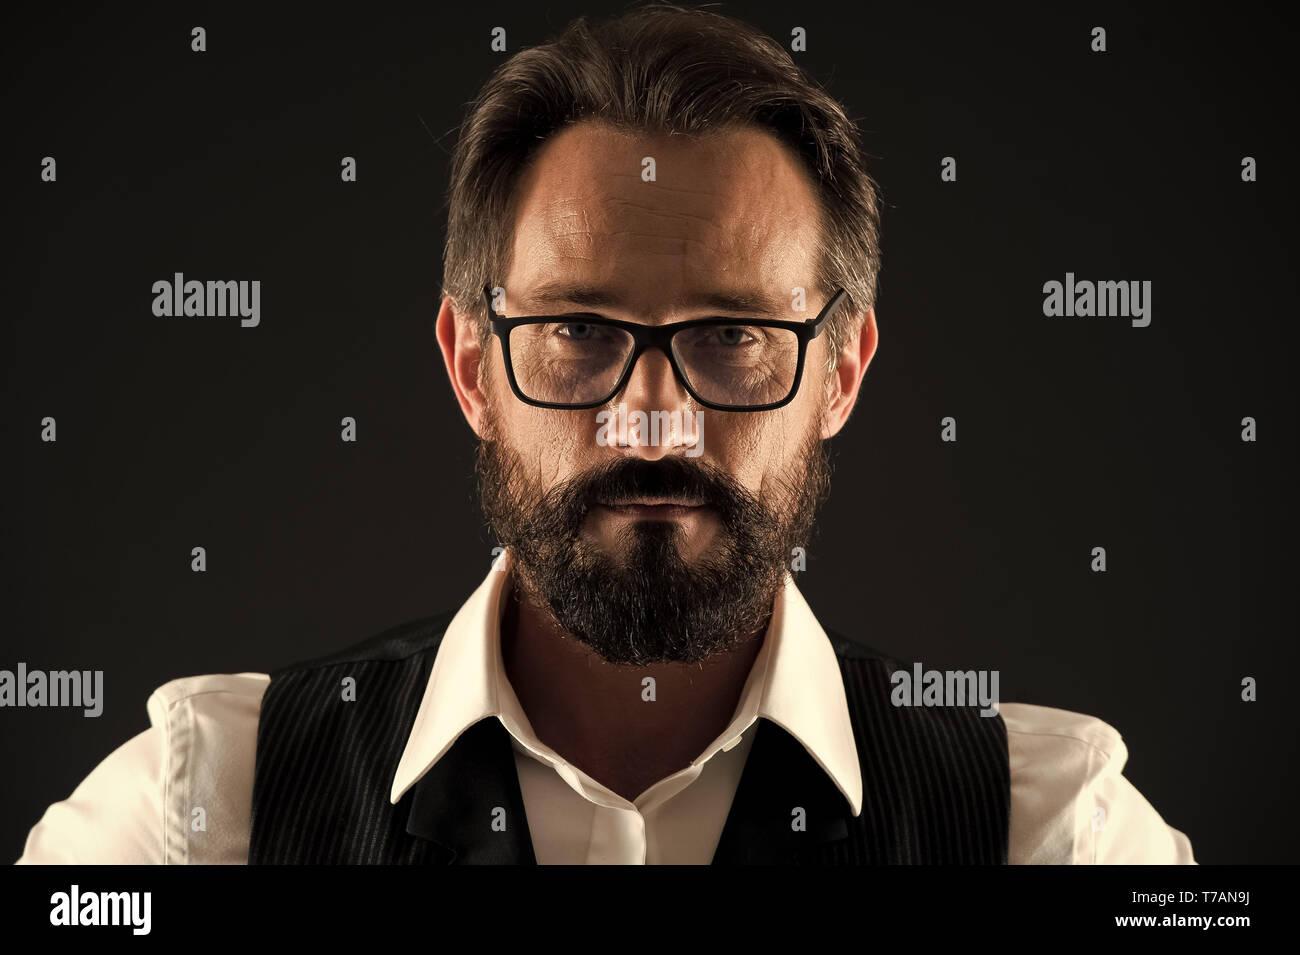 Man With Moustache Imagenes De Stock Man With Moustache Fotos De